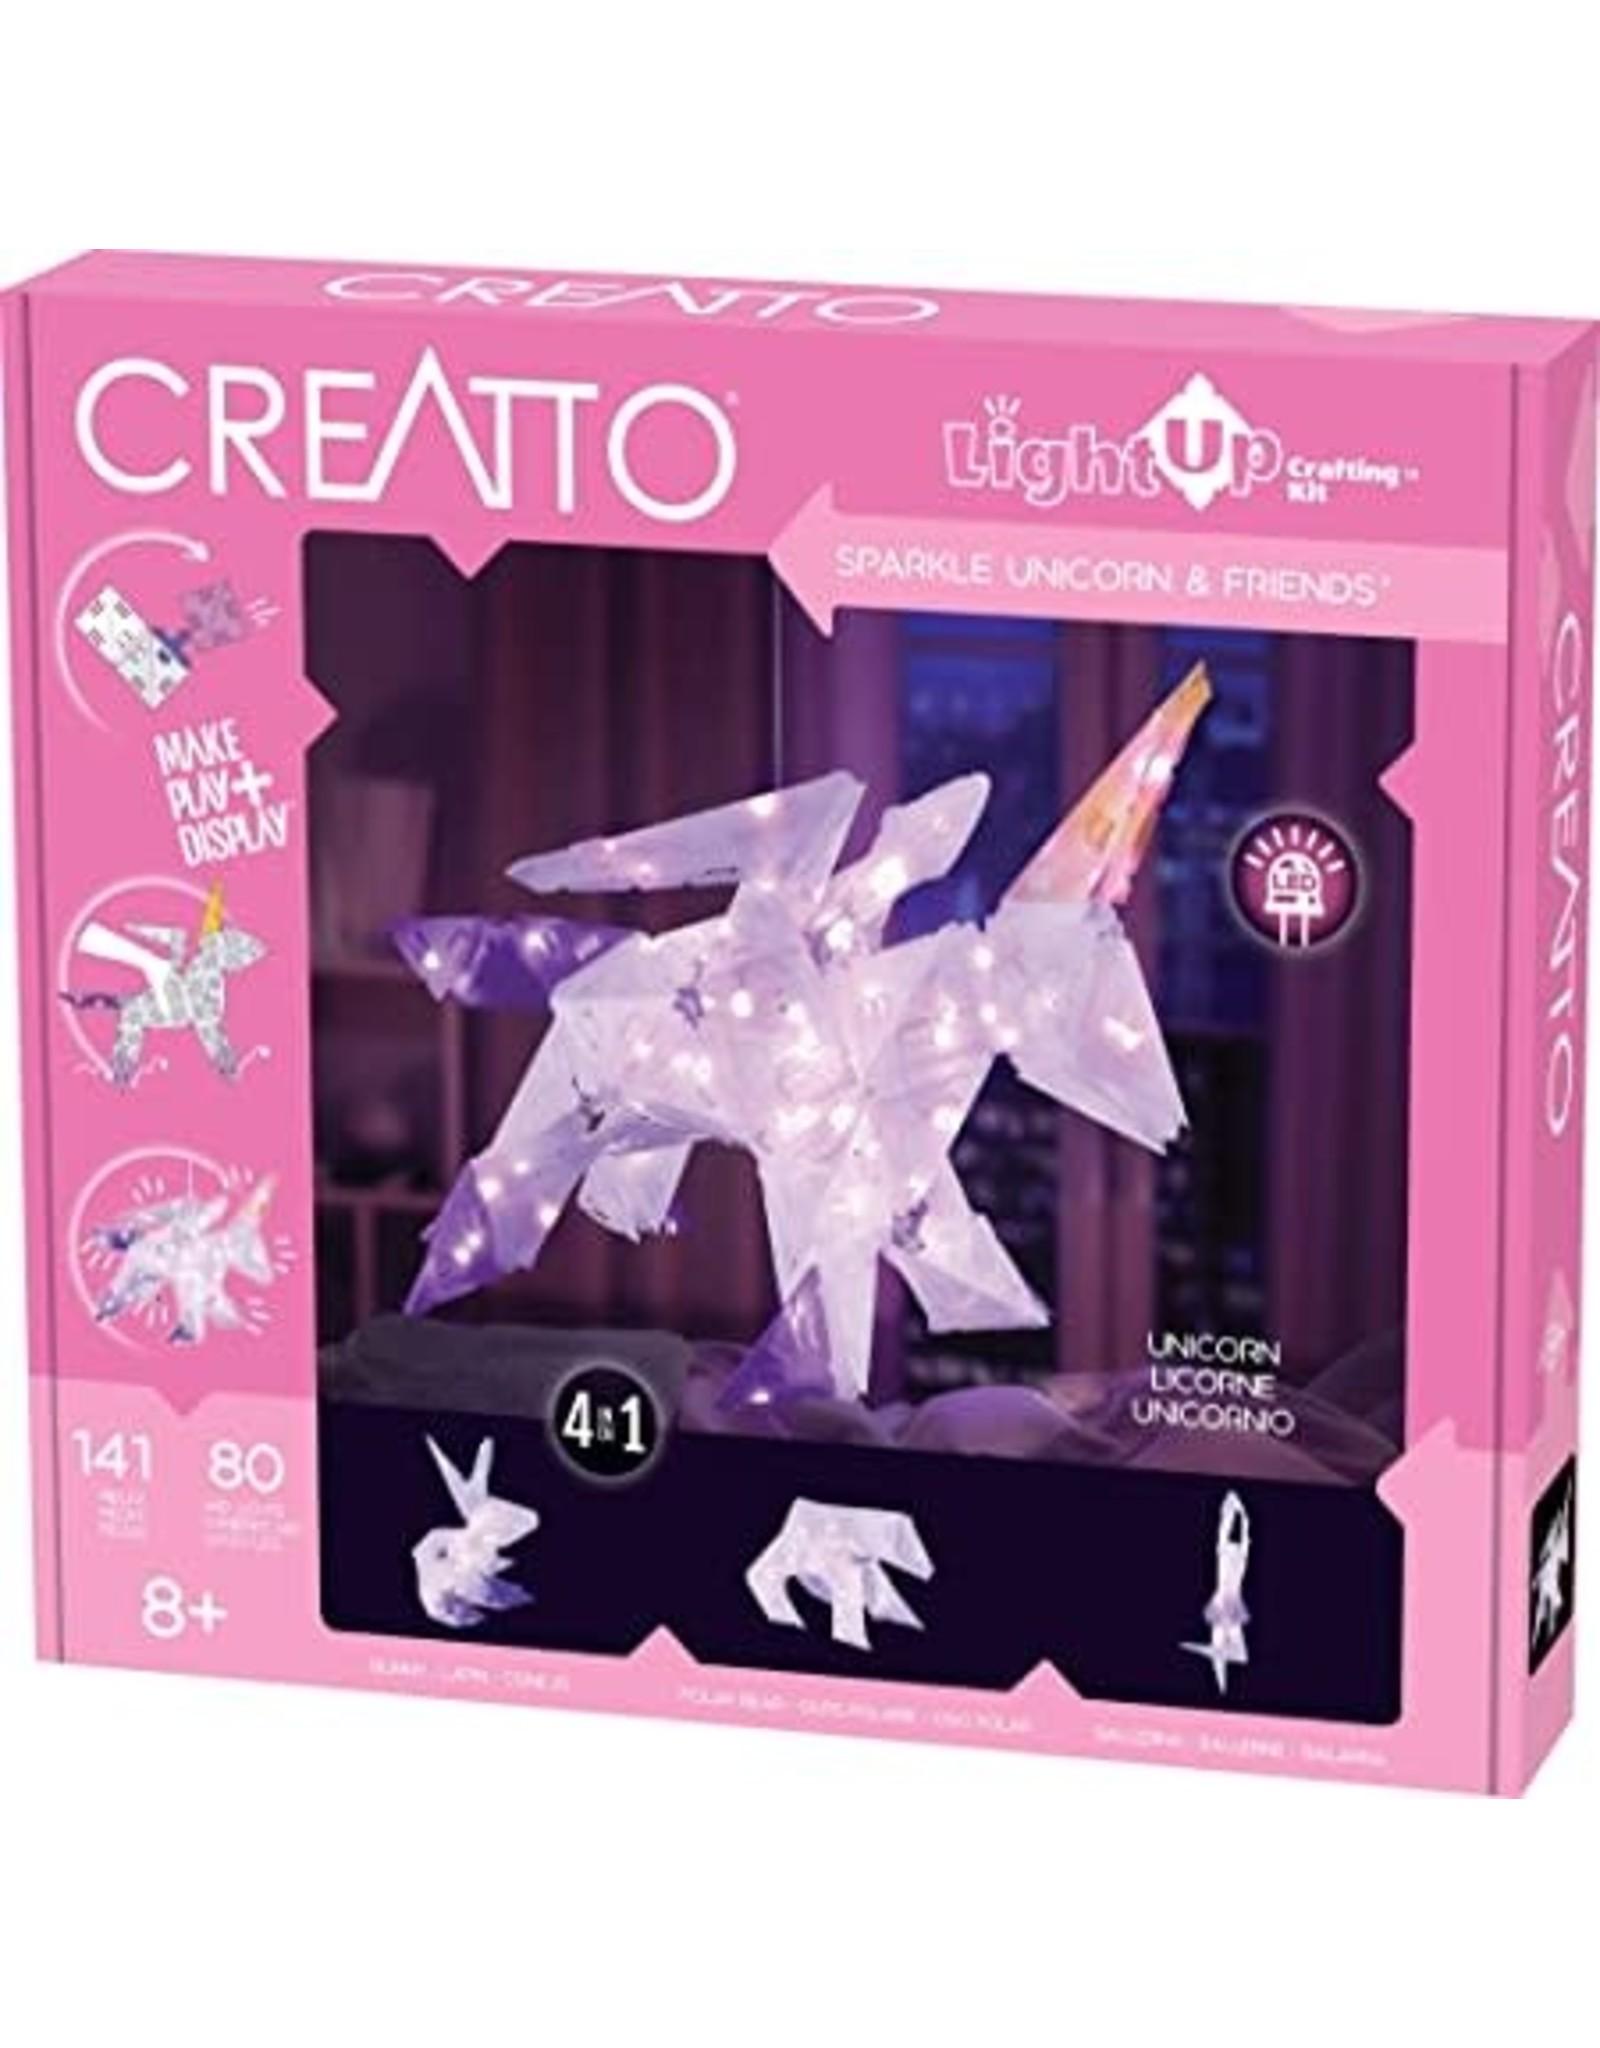 Thames & Kosmos Creatto: Sparkle Unicorn & Friends